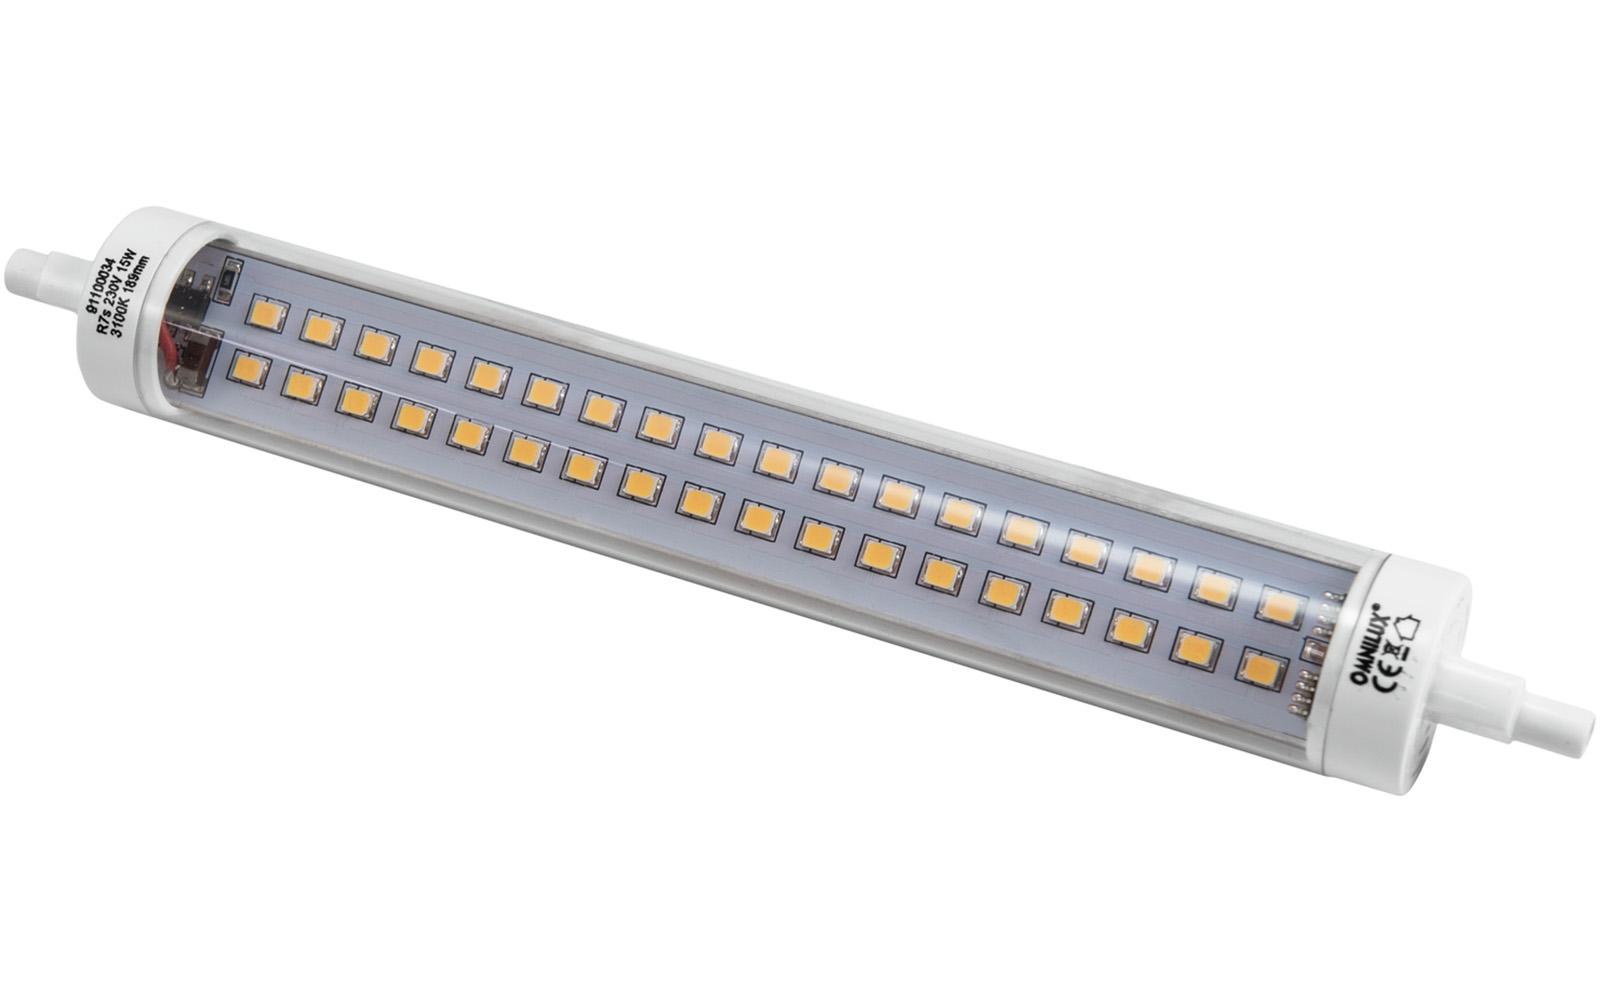 omnilux-led-230v-15w-r7s-189mm-stabbrenner